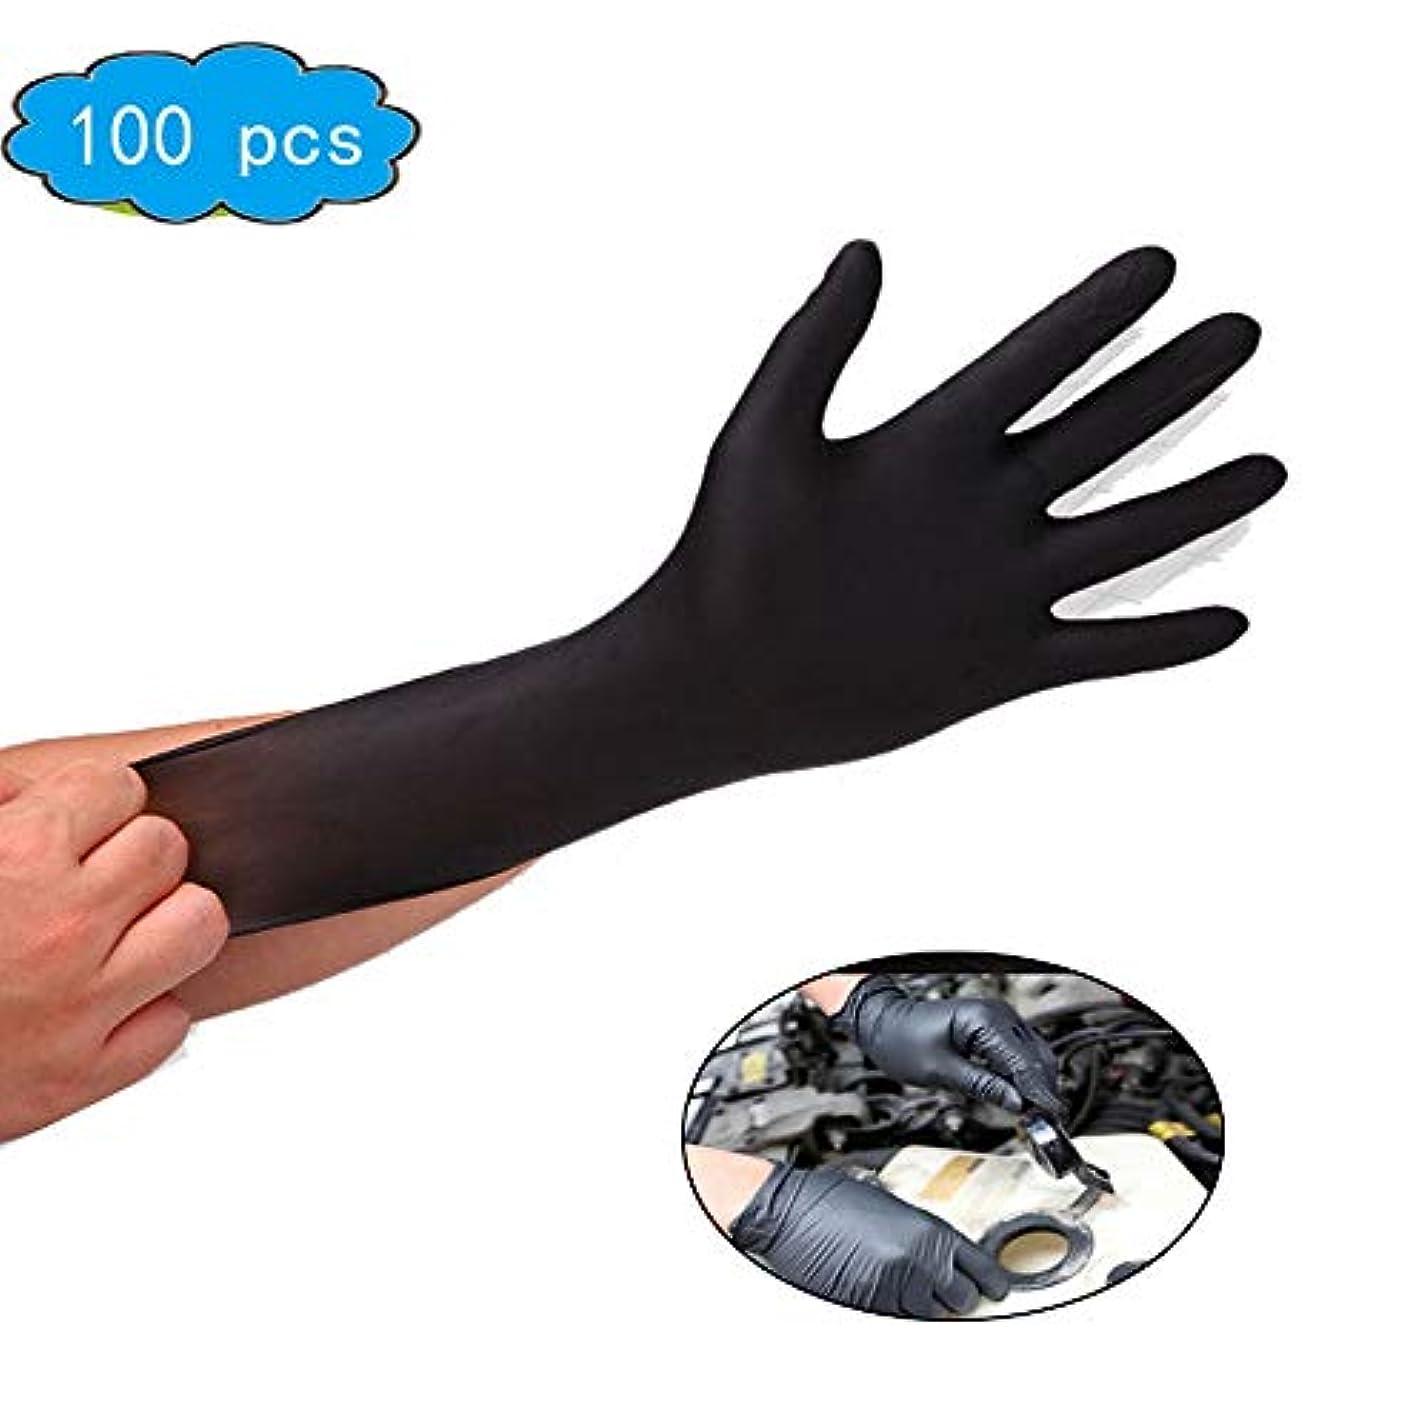 半導体乗って素晴らしい使い捨てニトリル手袋、6 Mil、黒、サイズL、厚く、1パックあたり100個、工具と家庭の改善、家庭用クリーニンググローブ (Color : Black, Size : L)